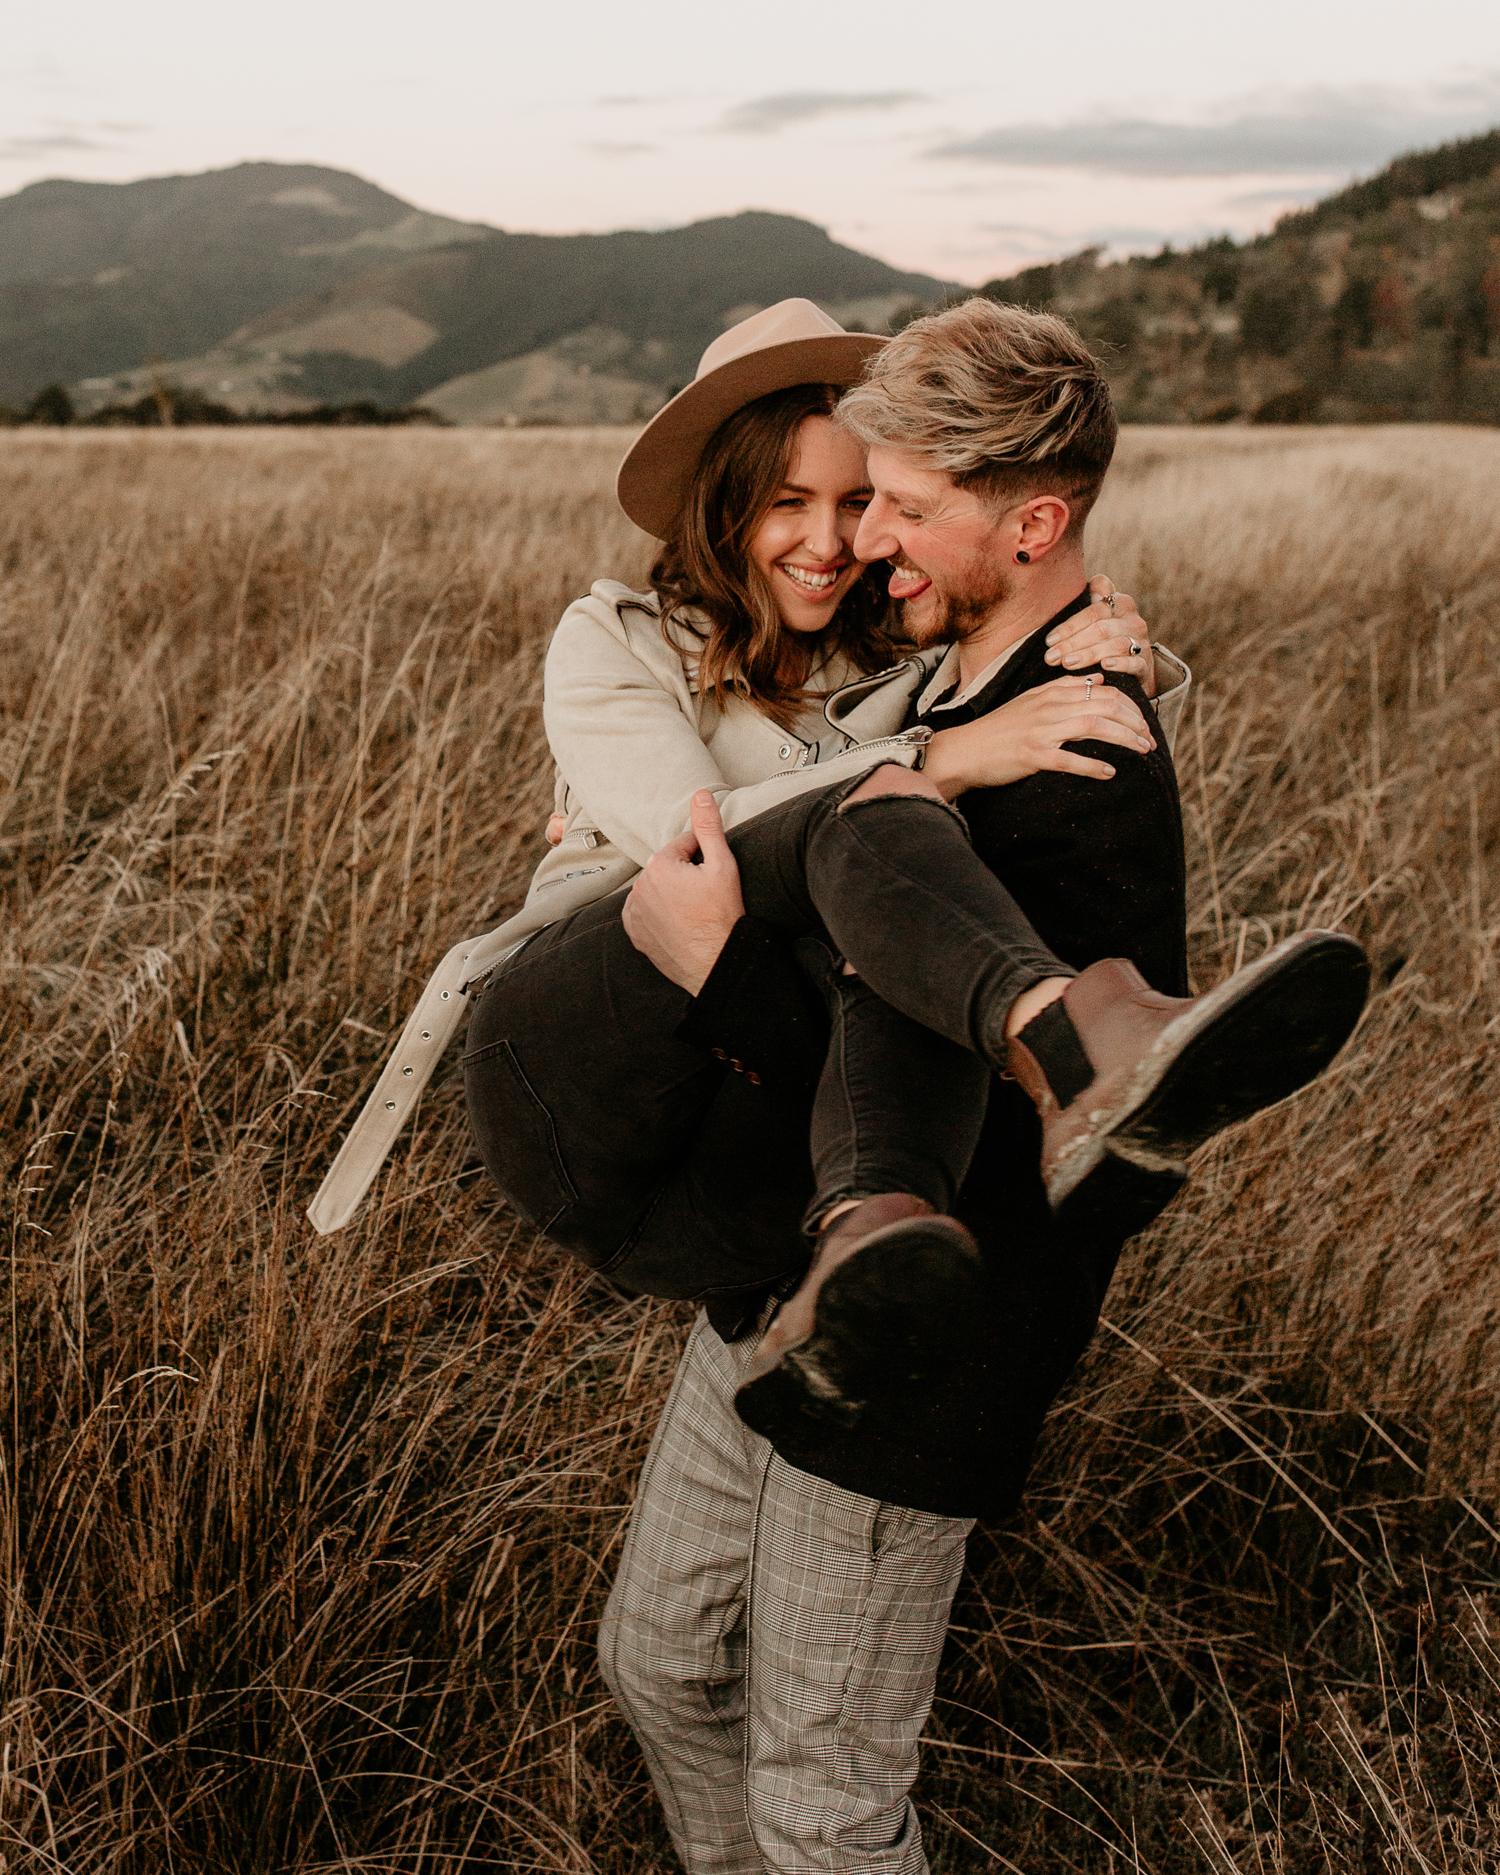 JordanKeegan-NewZealandPhotographer-Couple-Adventure--5.jpg